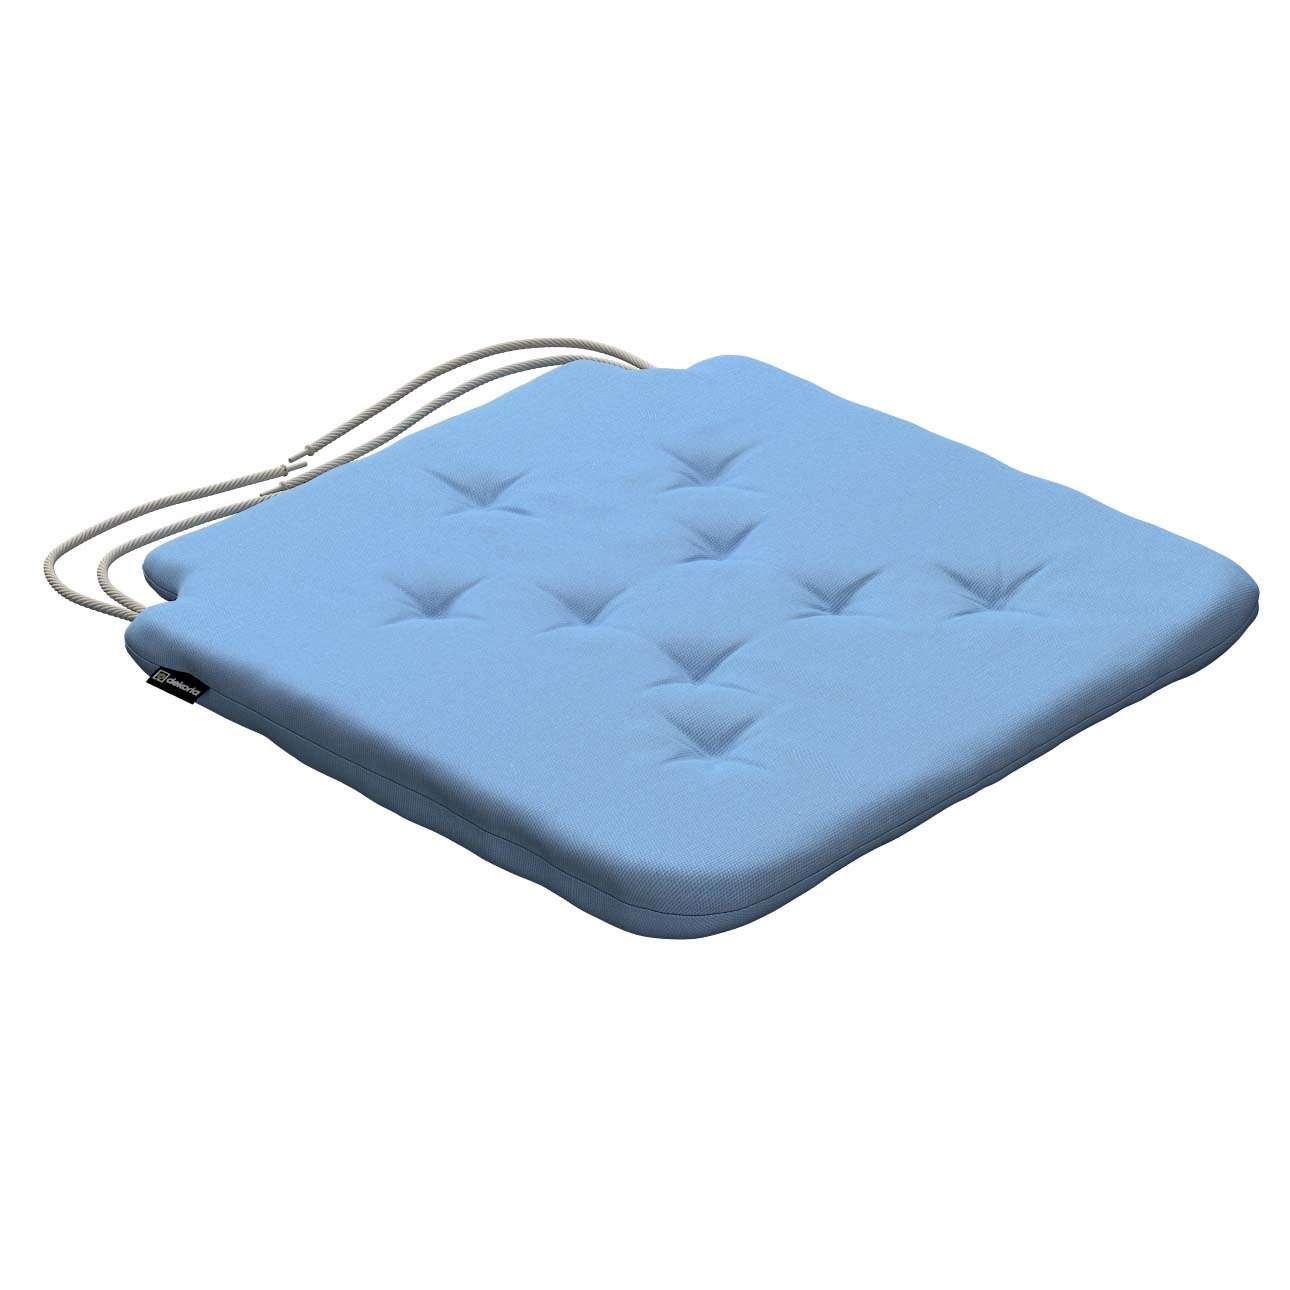 Siedzisko Olek na krzesło 42x41x3,5cm w kolekcji Loneta, tkanina: 133-21